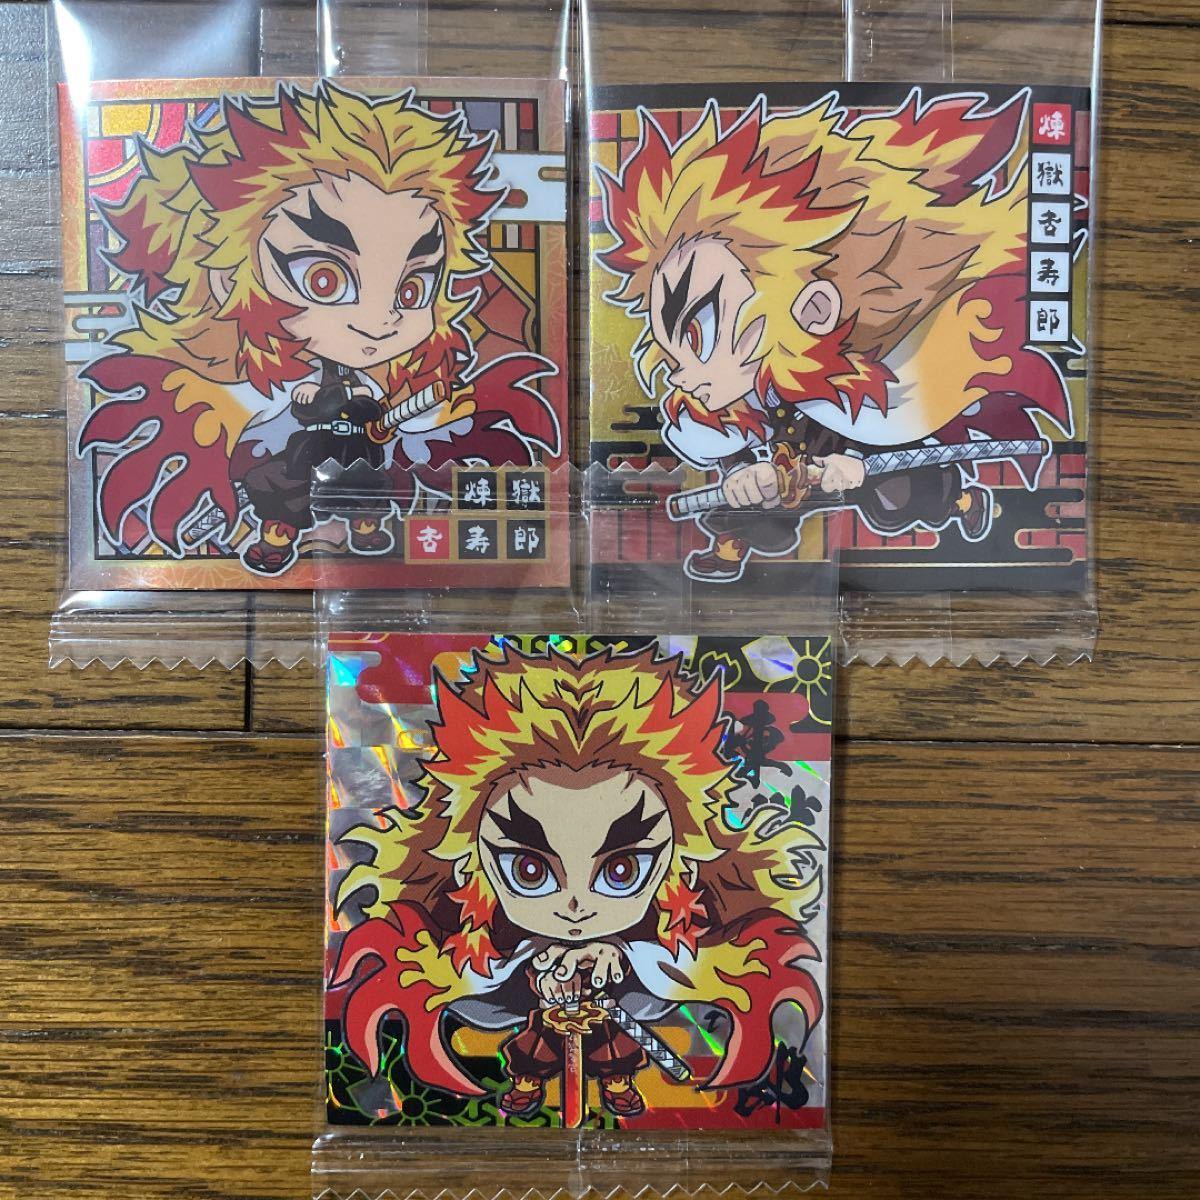 【レア】鬼滅の刃 ディフォルメシール ウエハース3 煉獄杏寿郎